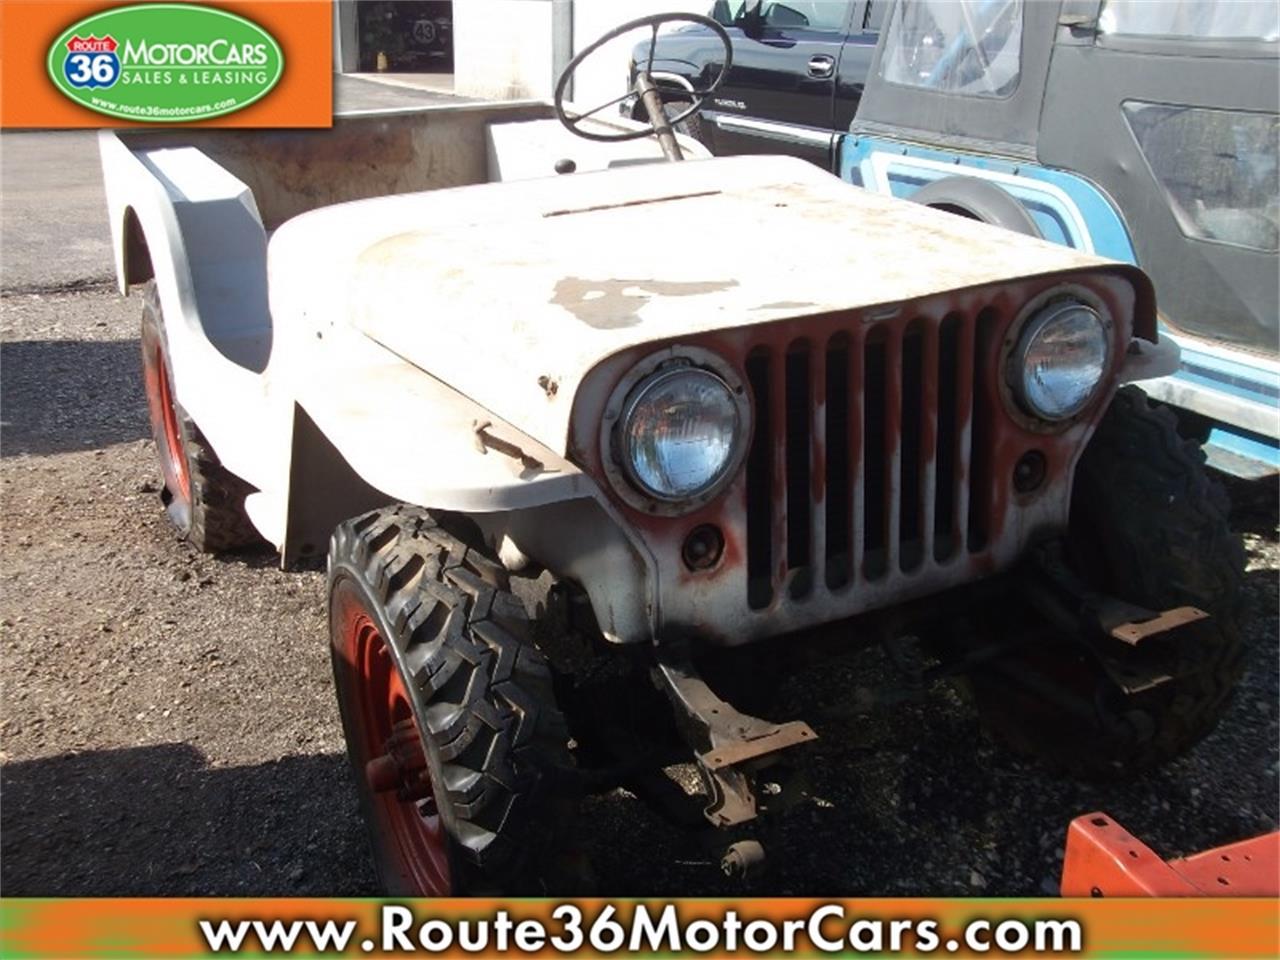 For Sale: 1966 Jeep CJ5 in Dublin, Ohio